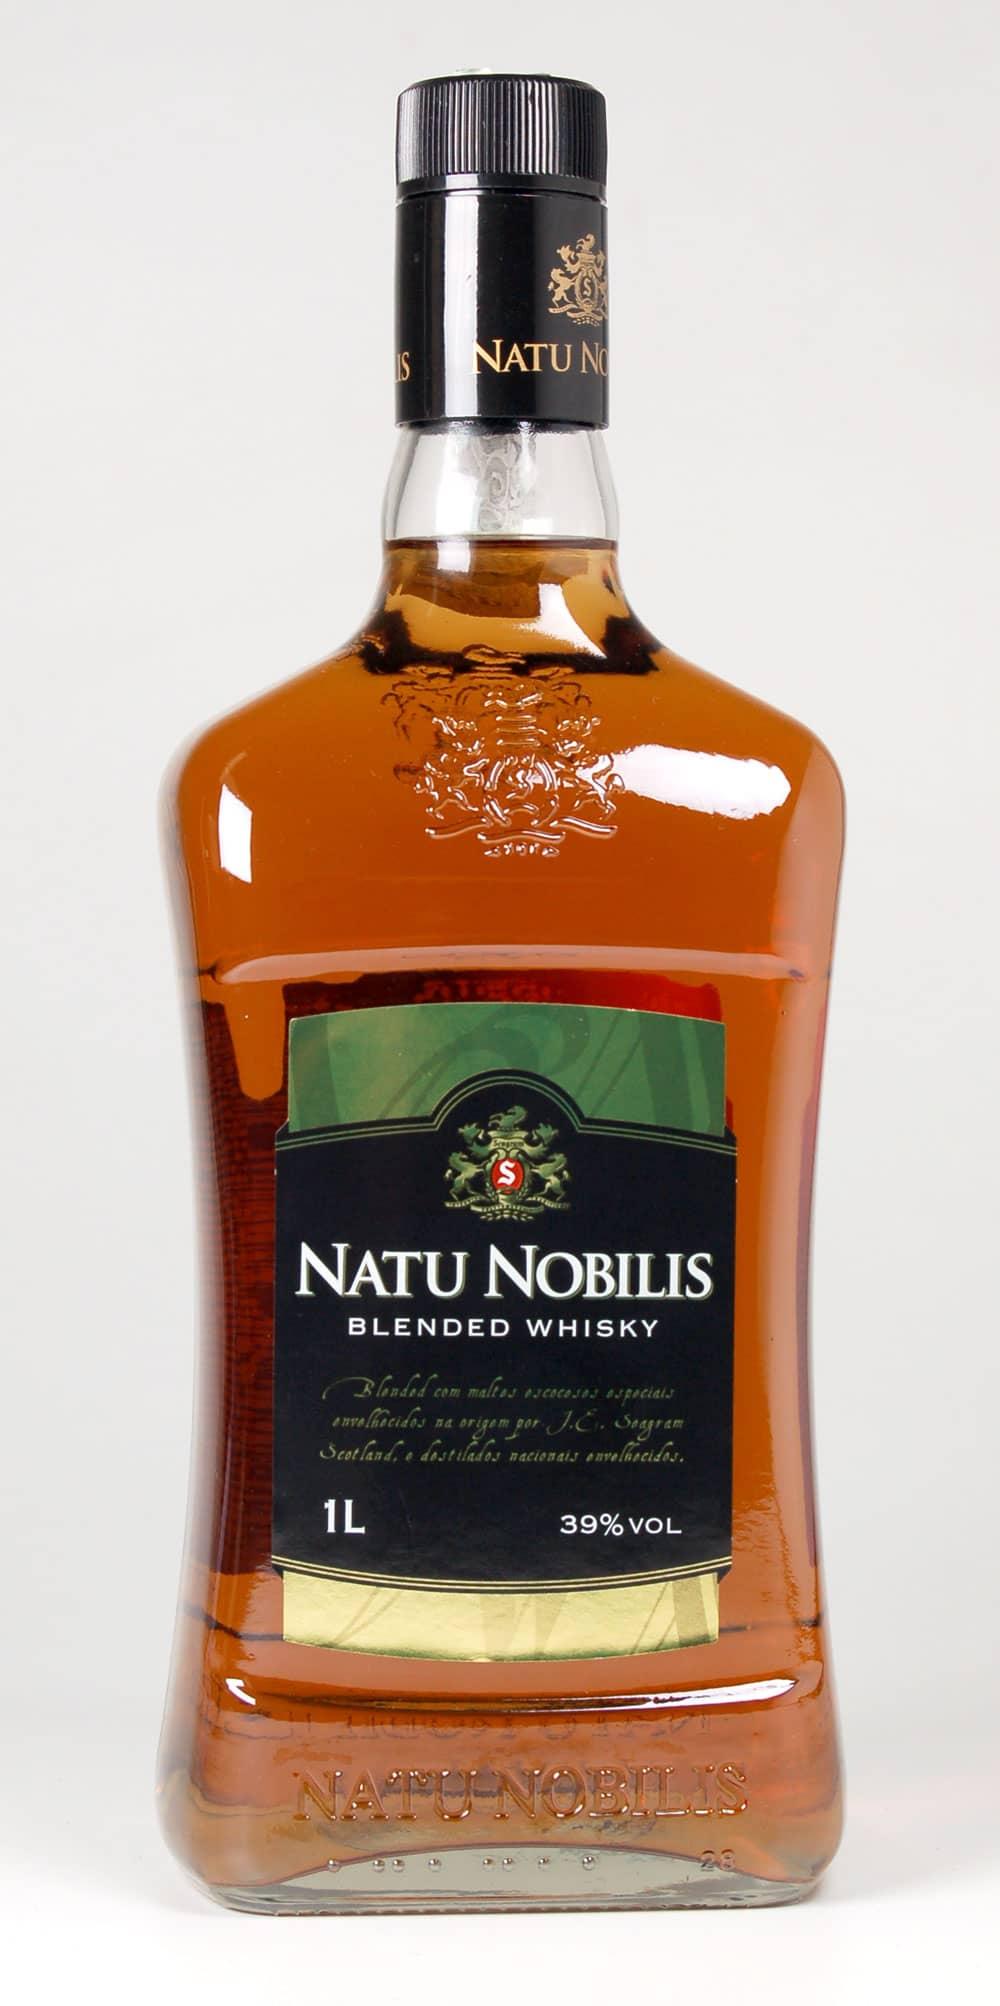 natu-nobilis-whisky-nova-garrafa